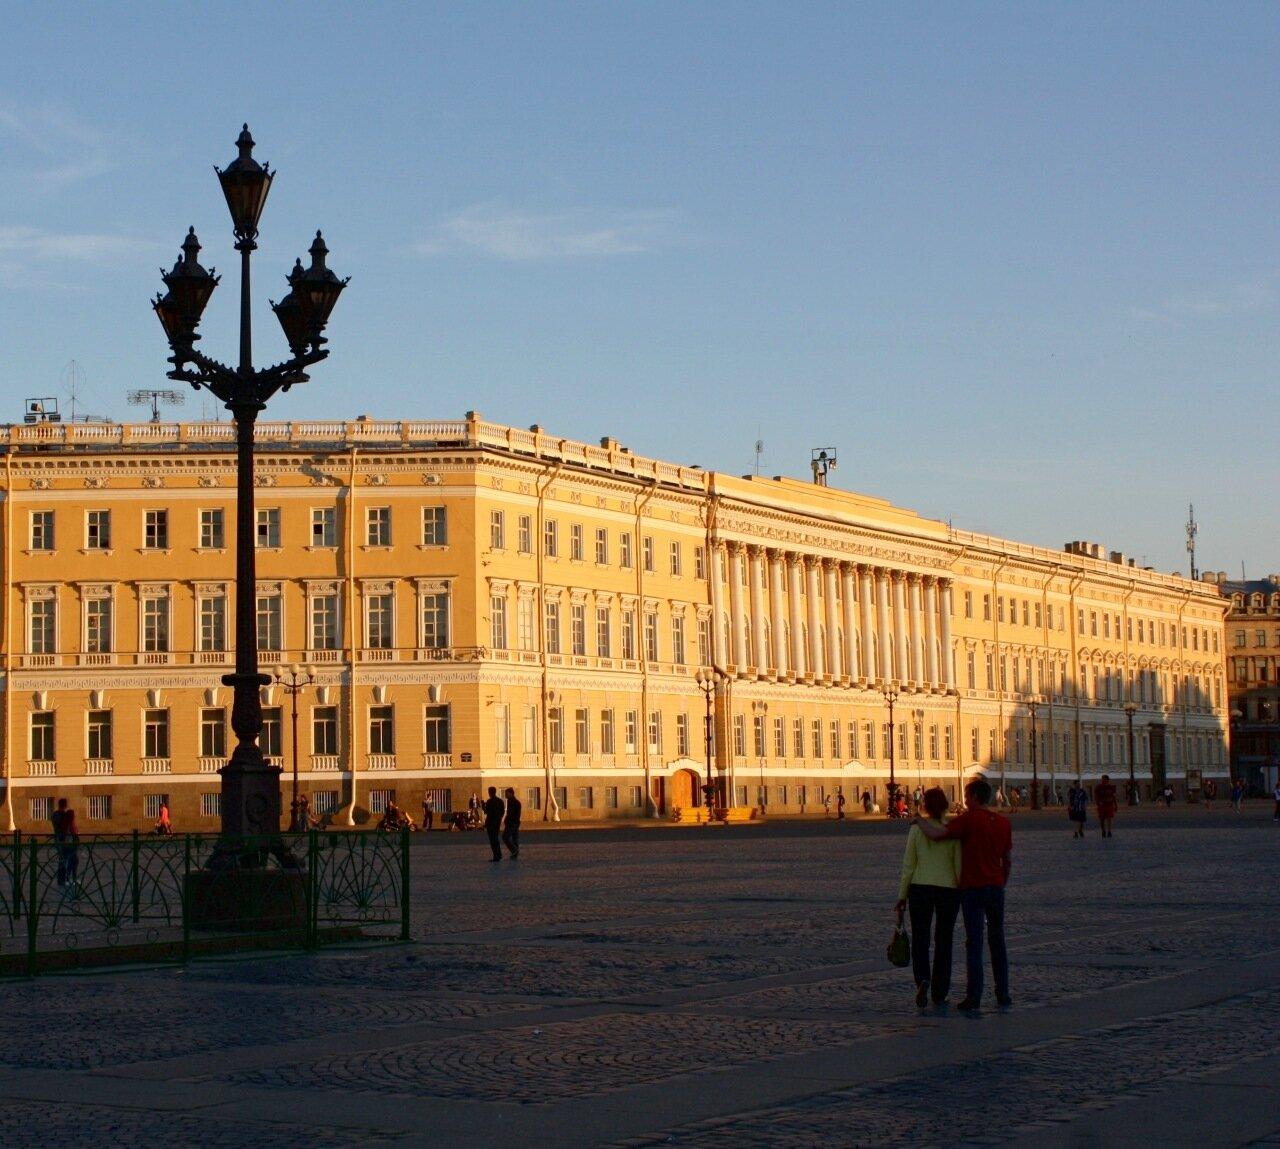 дворцовой и сенатской картинки вот здесь